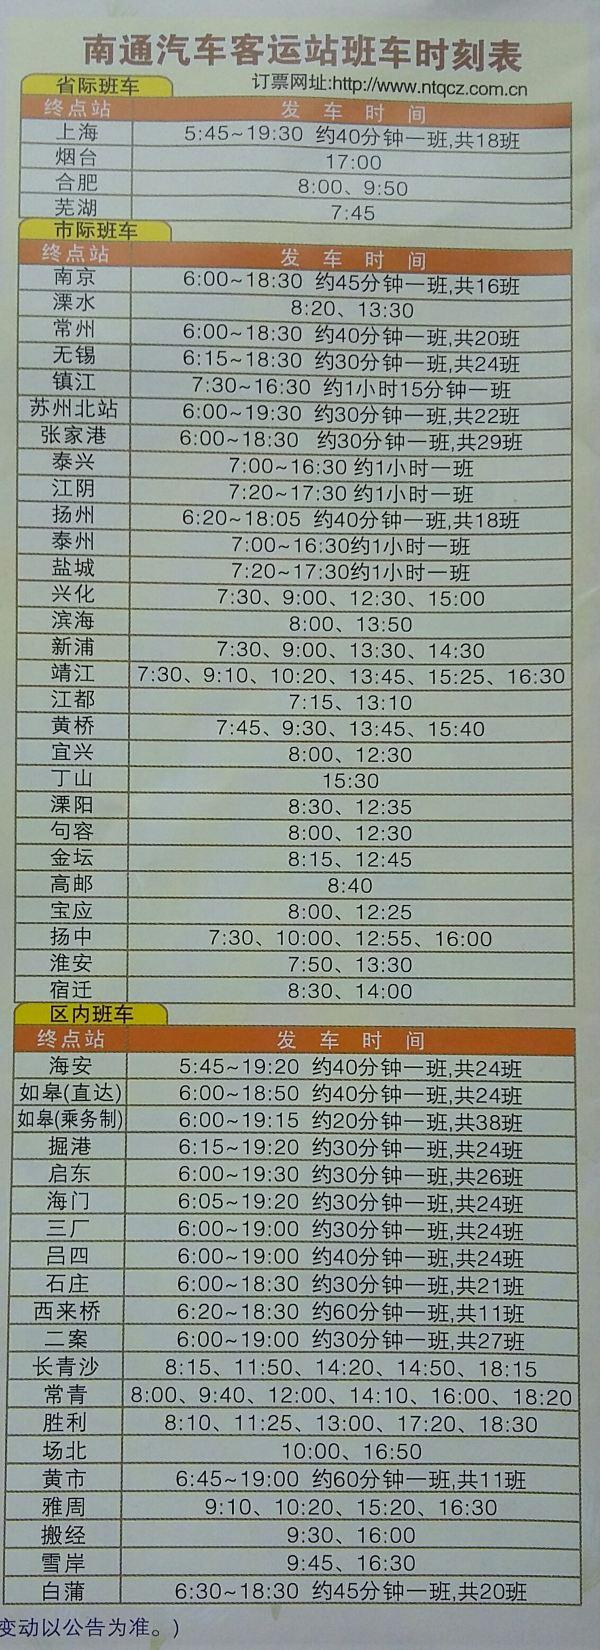 上海到南通东站大巴时刻表